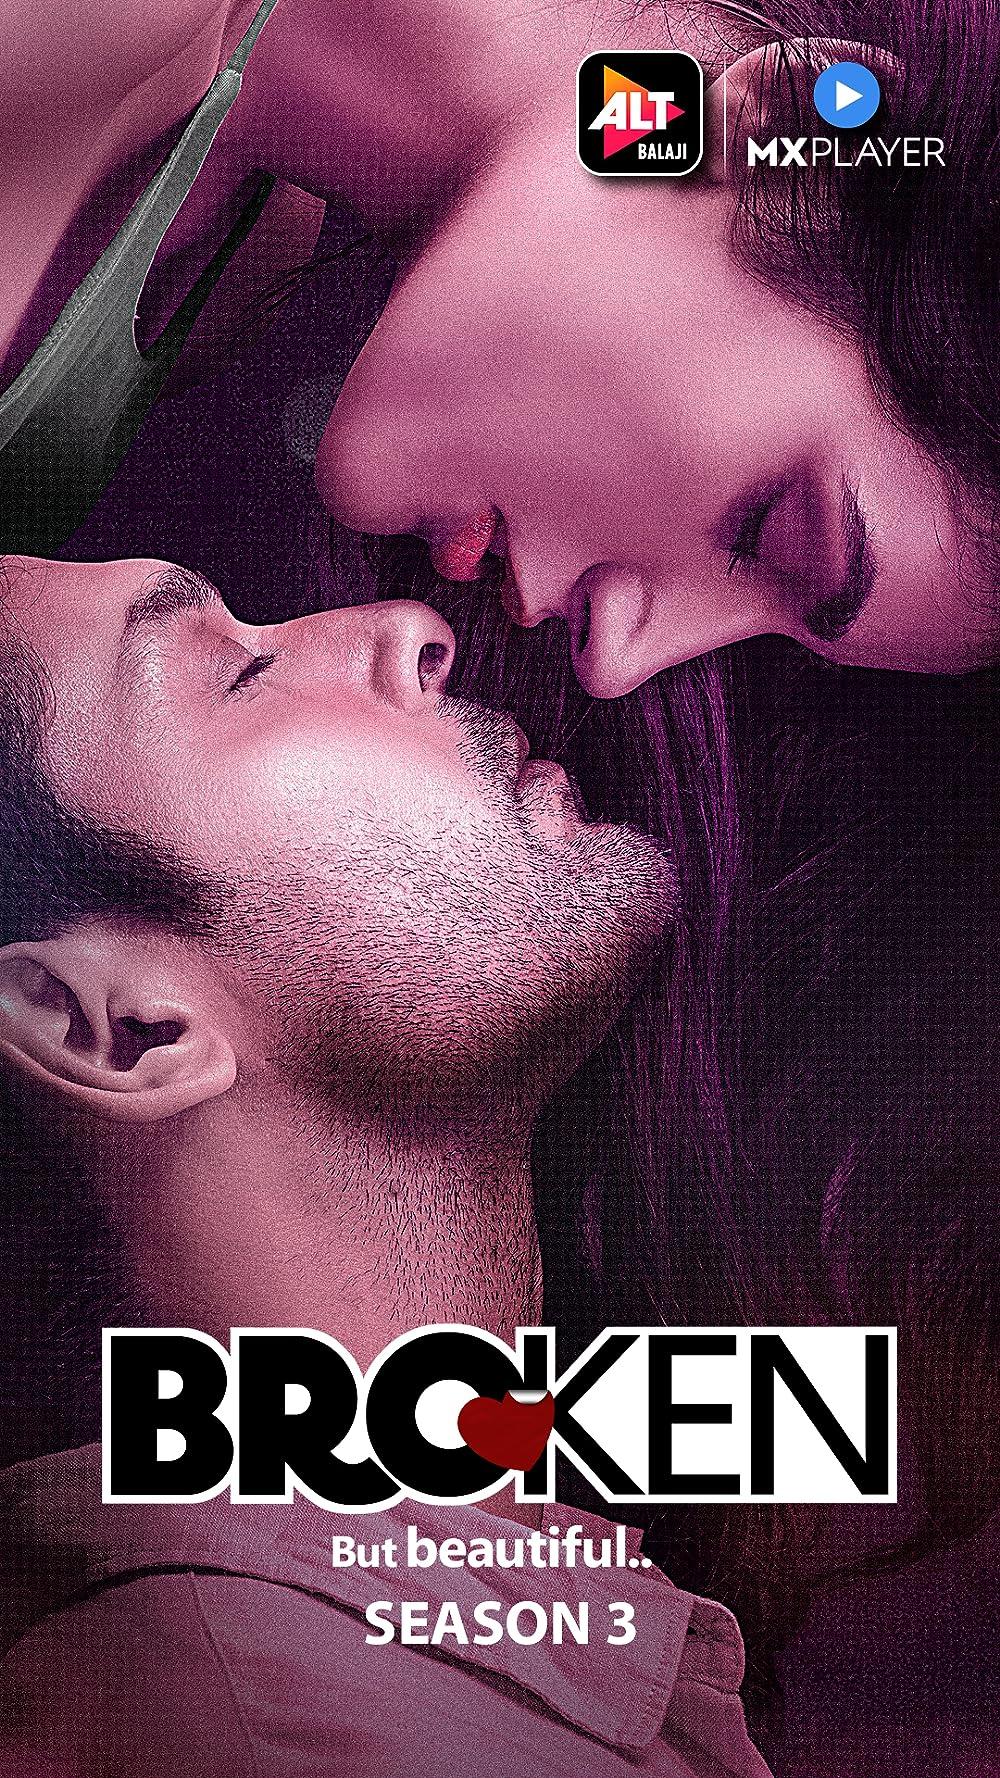 Broken But Beautiful 2021 S03 Hindi ALTBalaji Original Complete Web Series 480p HDRip 500MB Download